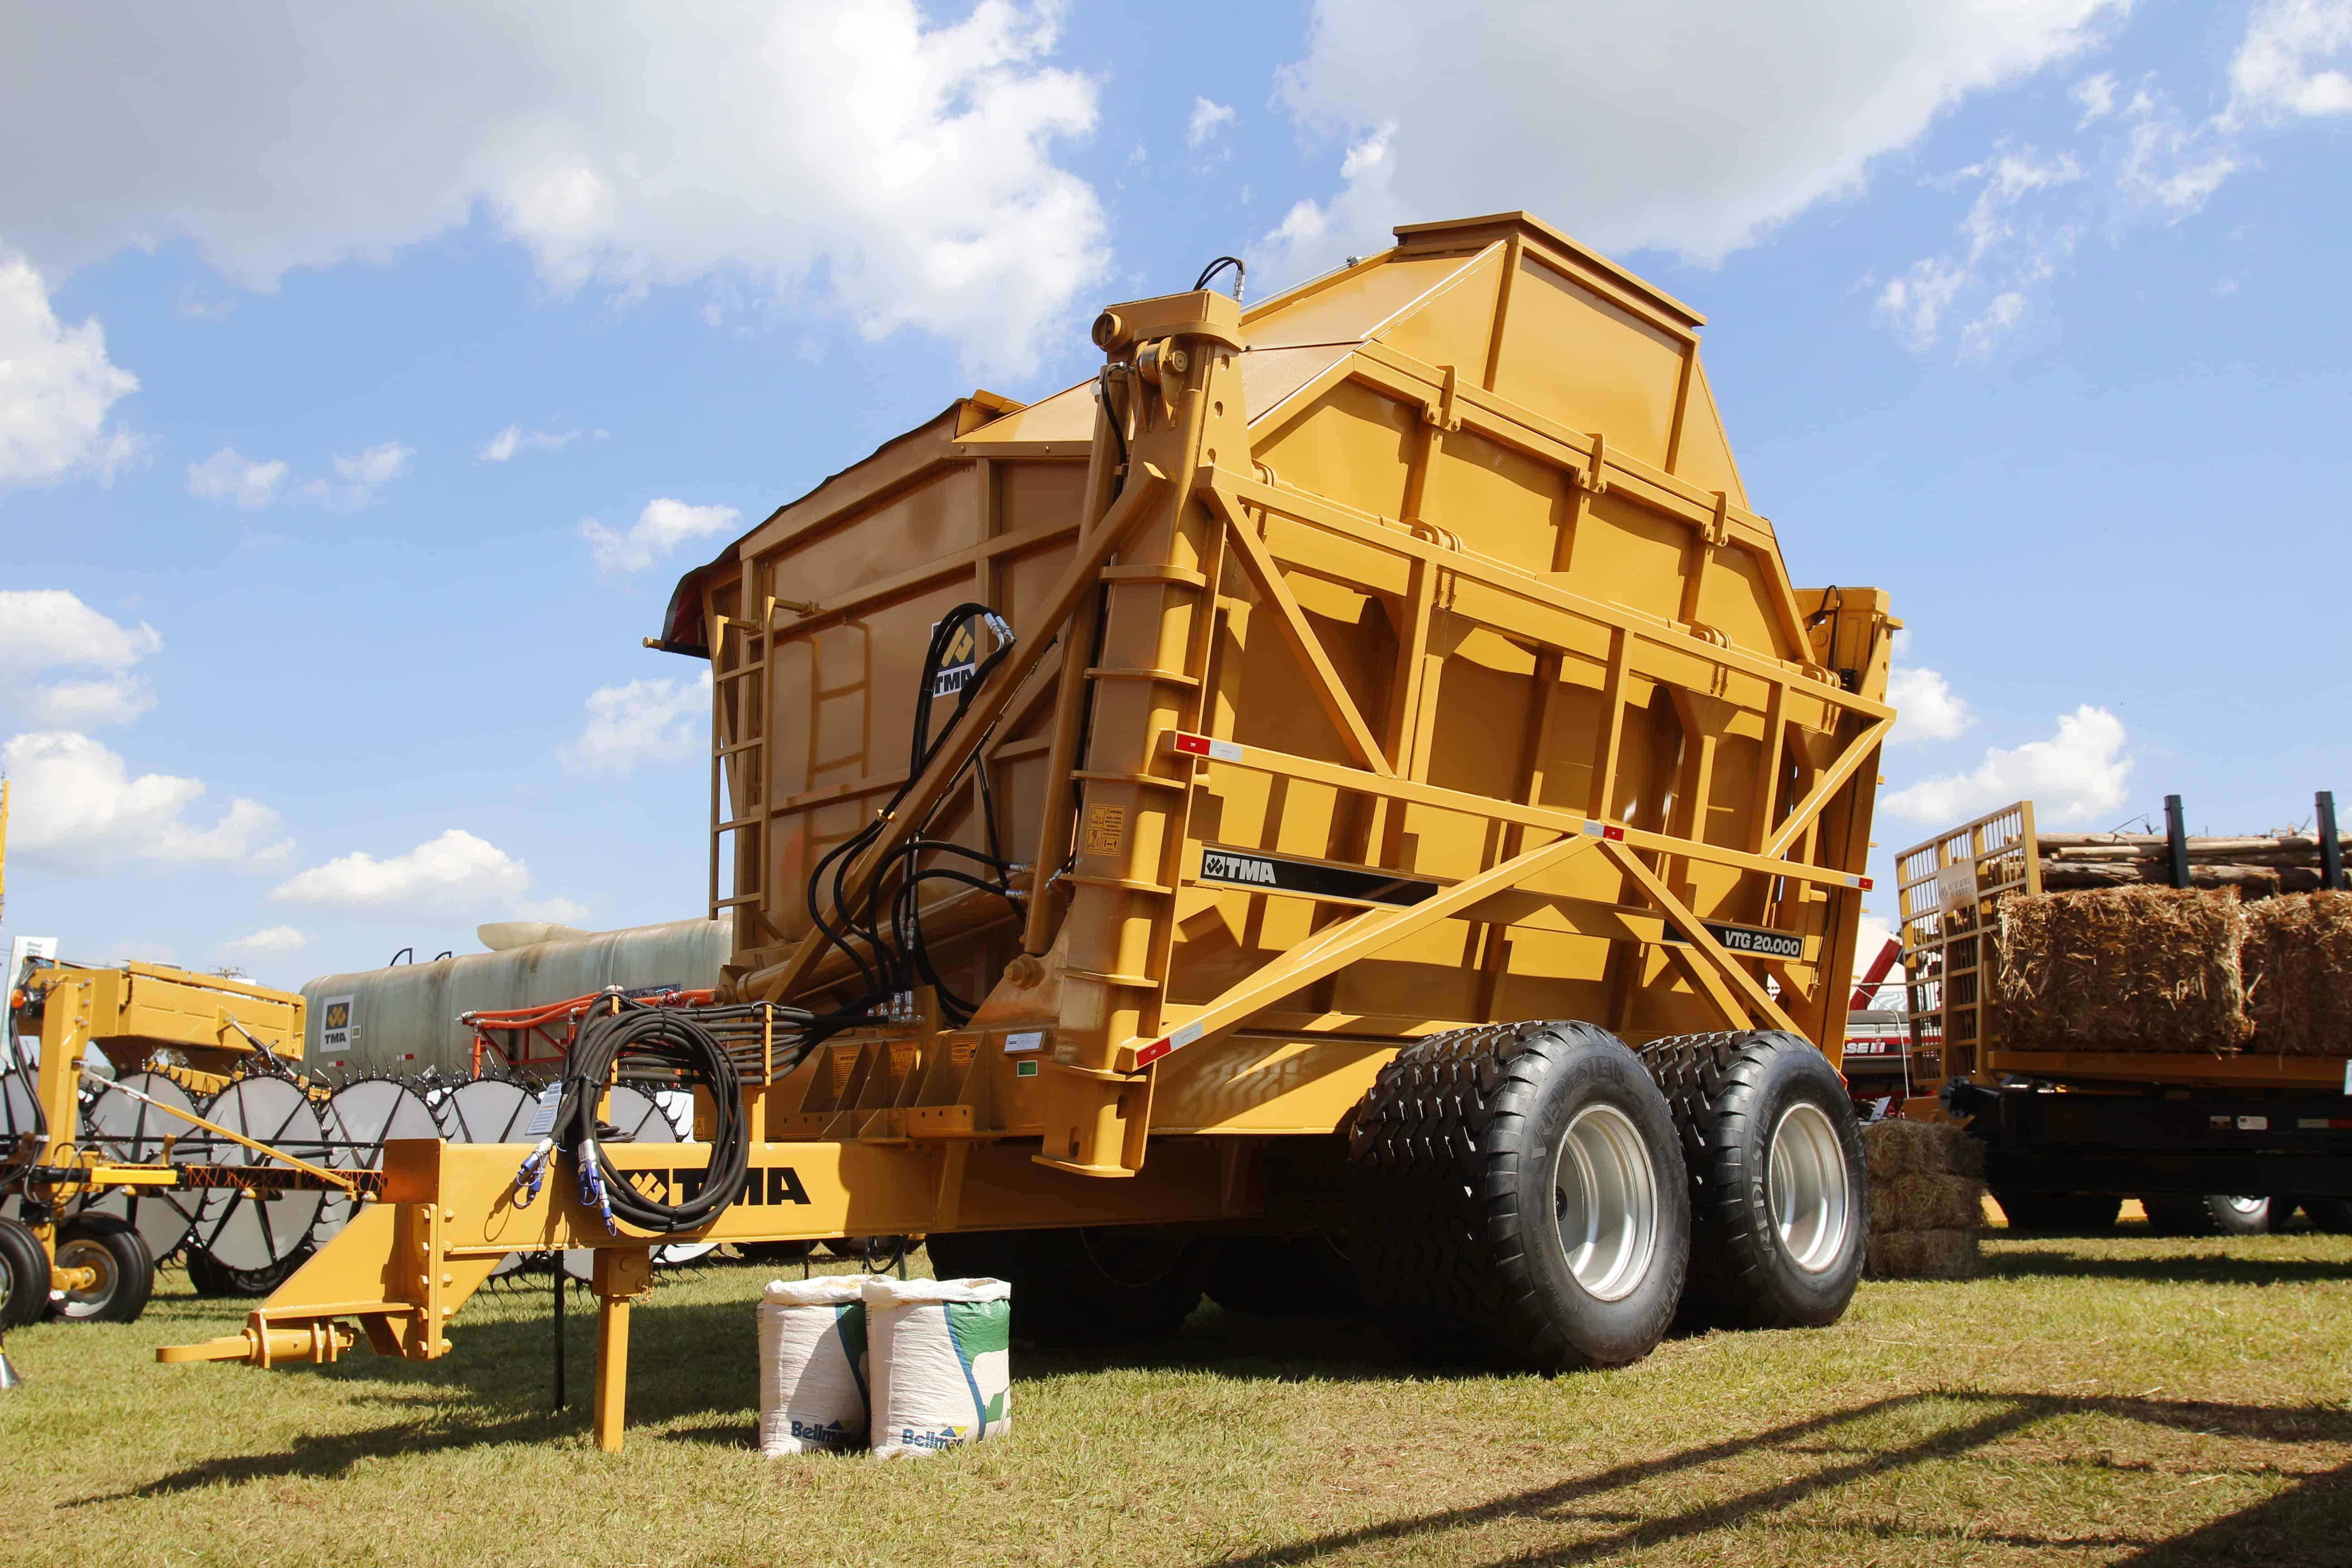 Transbordo de grãos: saiba tudo sobre a máquina agrícola que garante alta produtividade no transporte de grãos e cereais